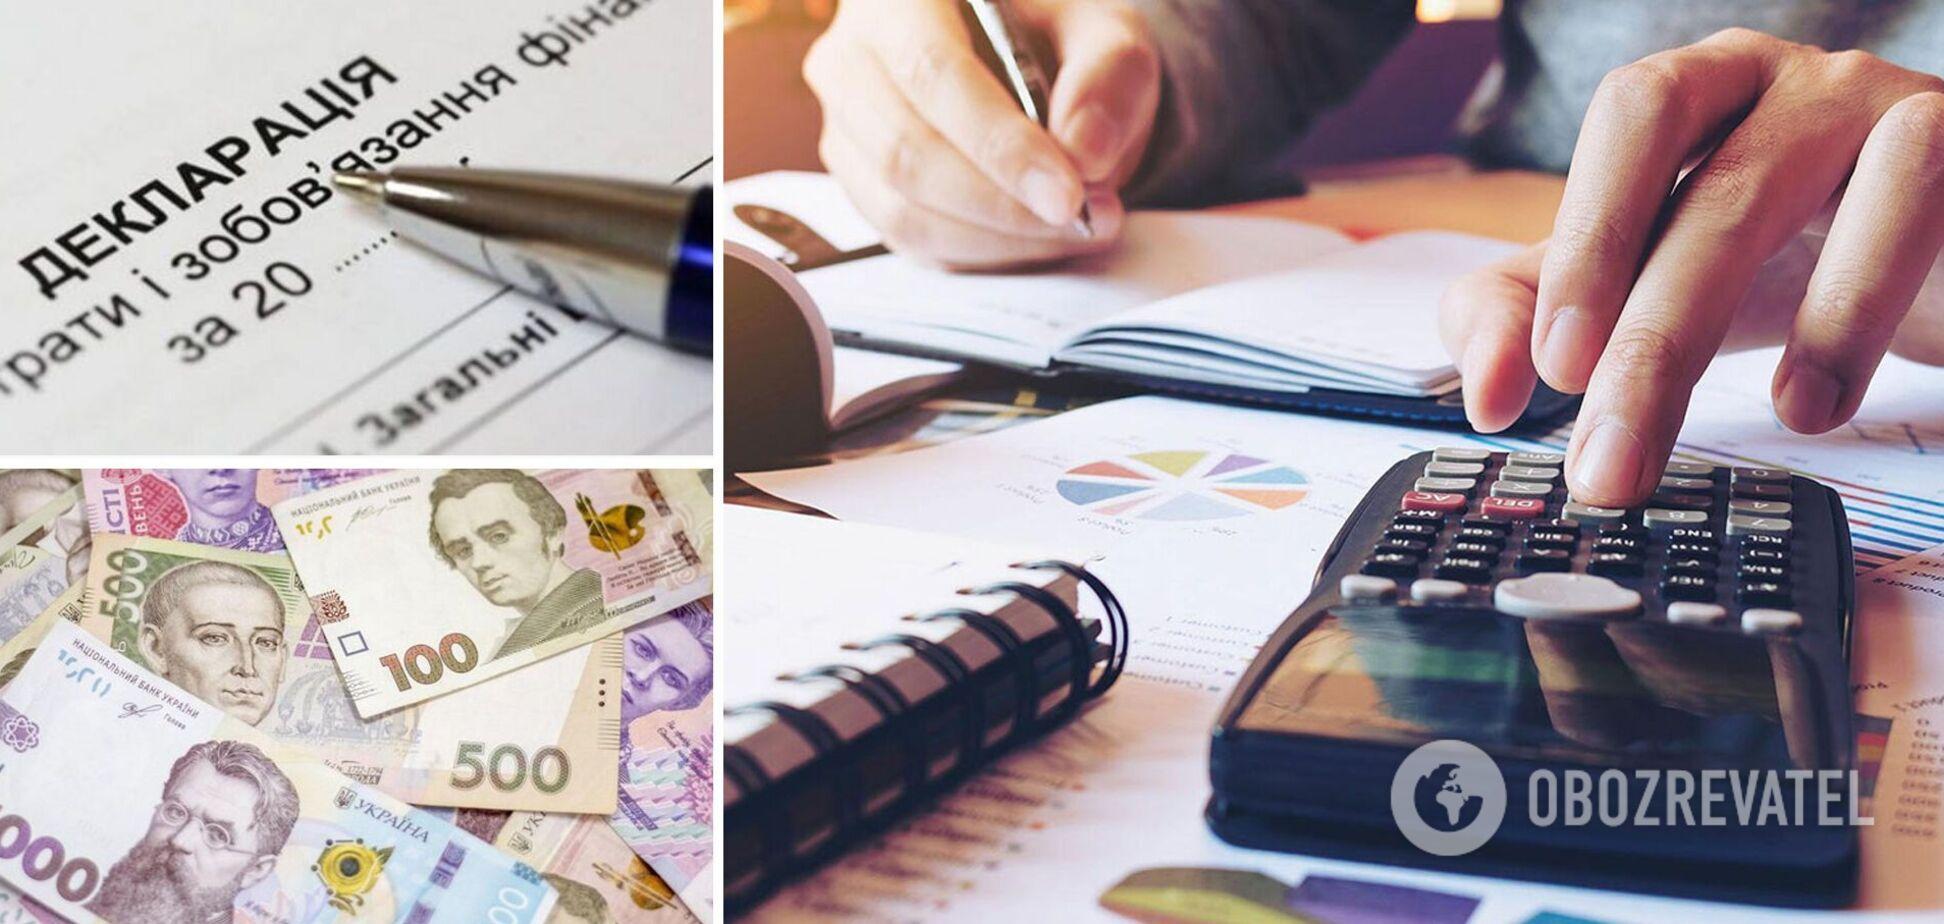 Украинцы обязаны заполнить декларации и заплатить налоги